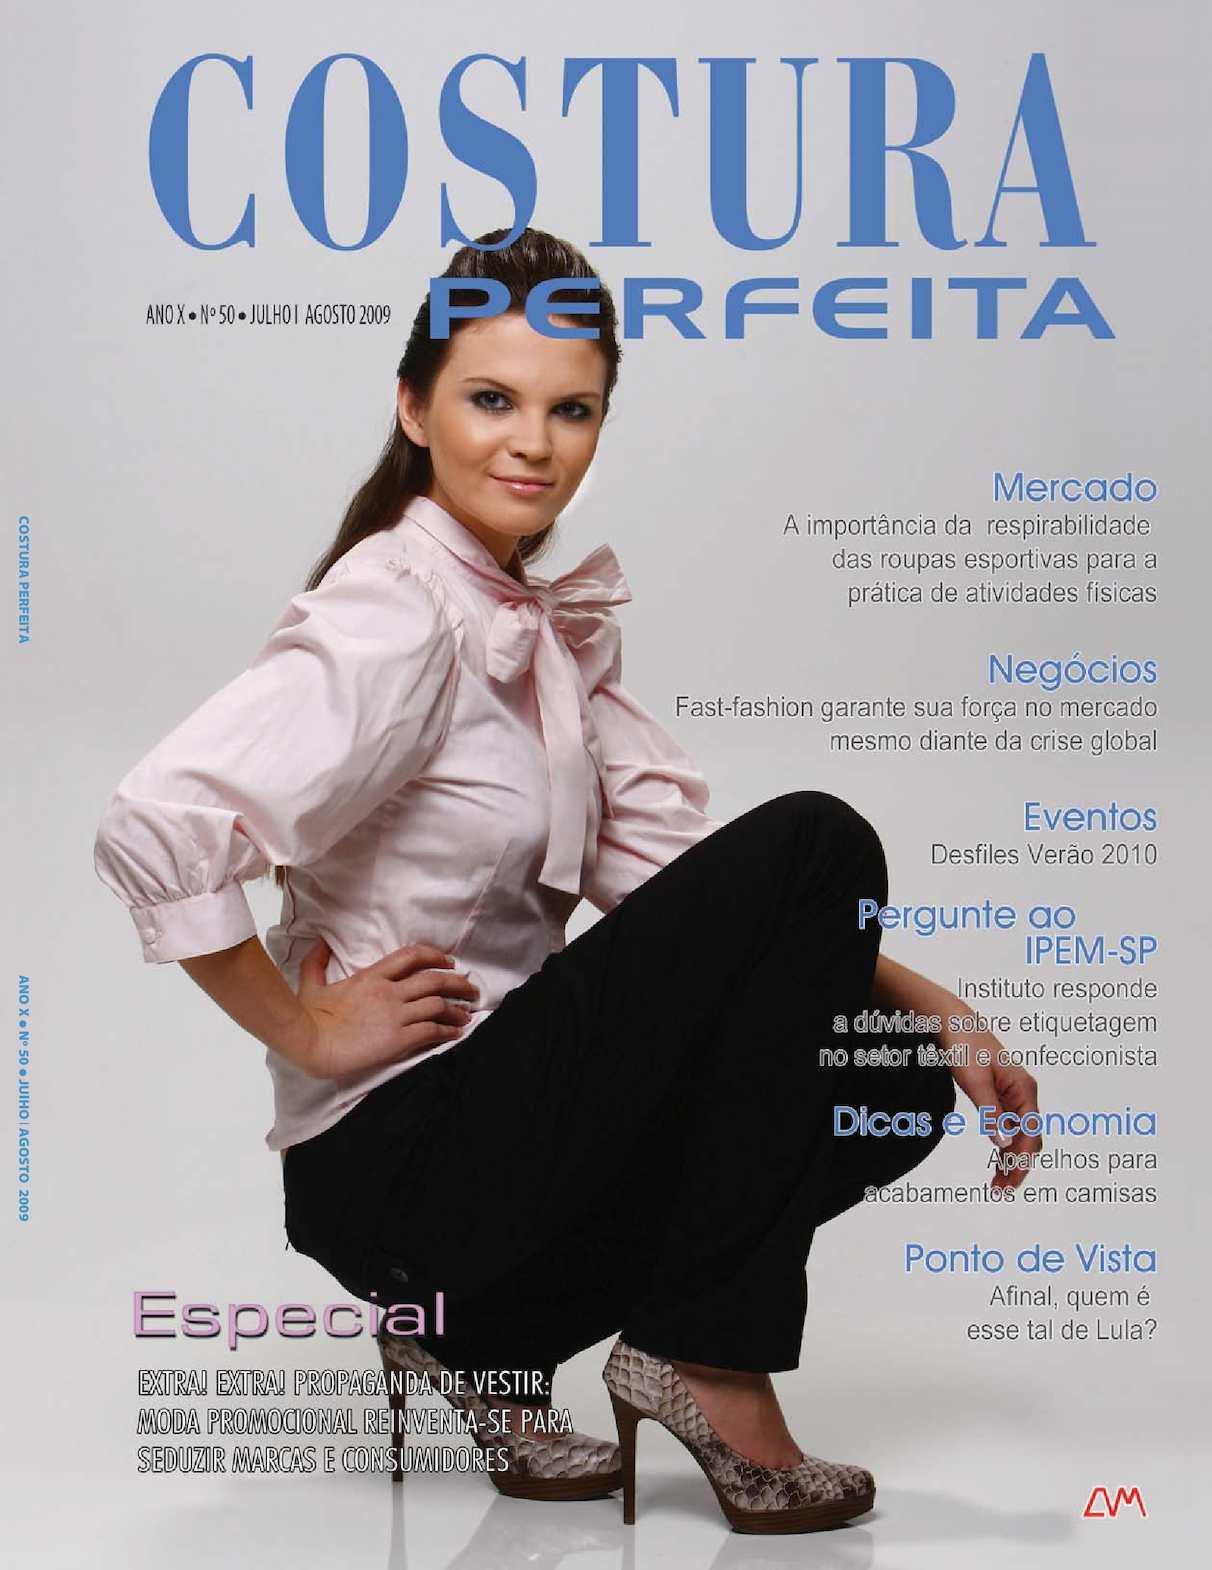 Calaméo - Revista Costura Perfeita Edição Ano X - N50 -Julho-Agosto 2009 a9e3d99b6e0